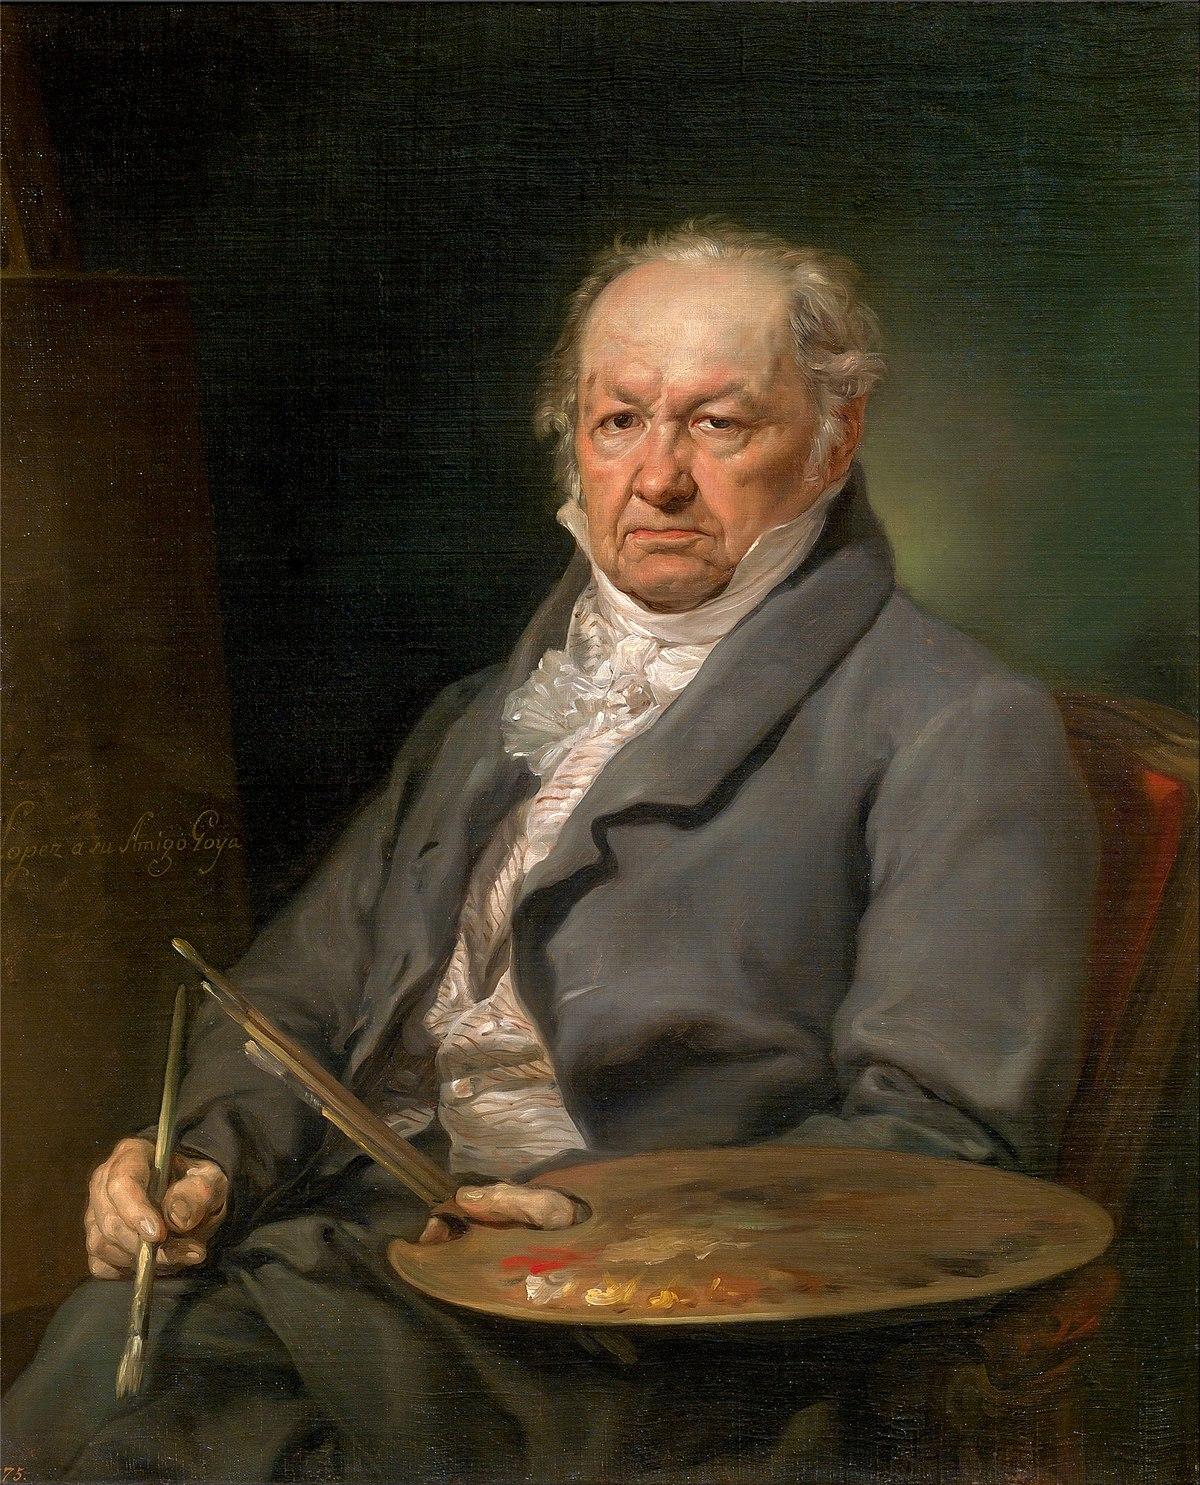 Goya, siempre vigente: un recorrido por su trayectoria vital y artística